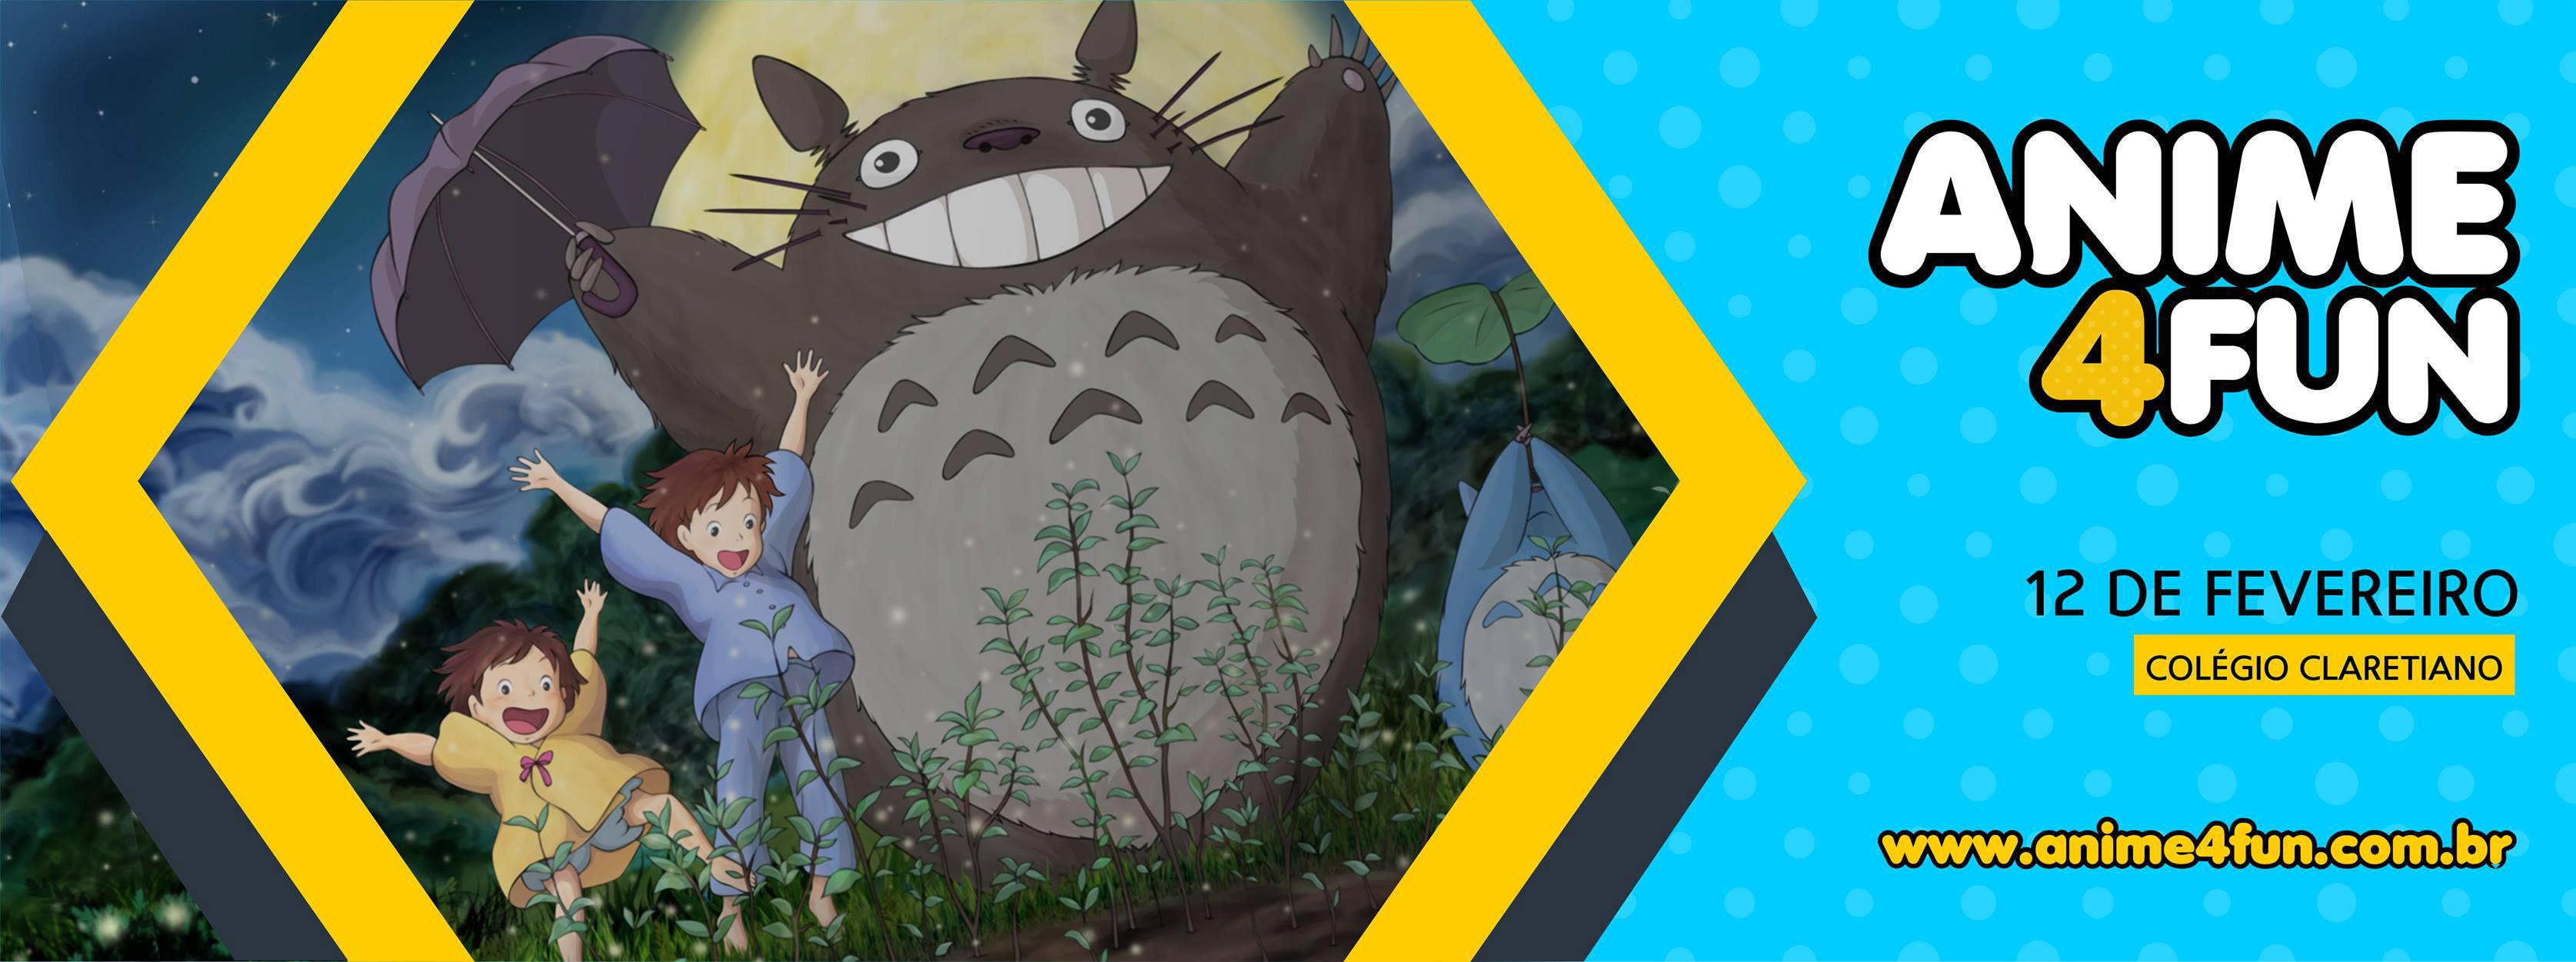 Anime For Fun - 1ª Edição